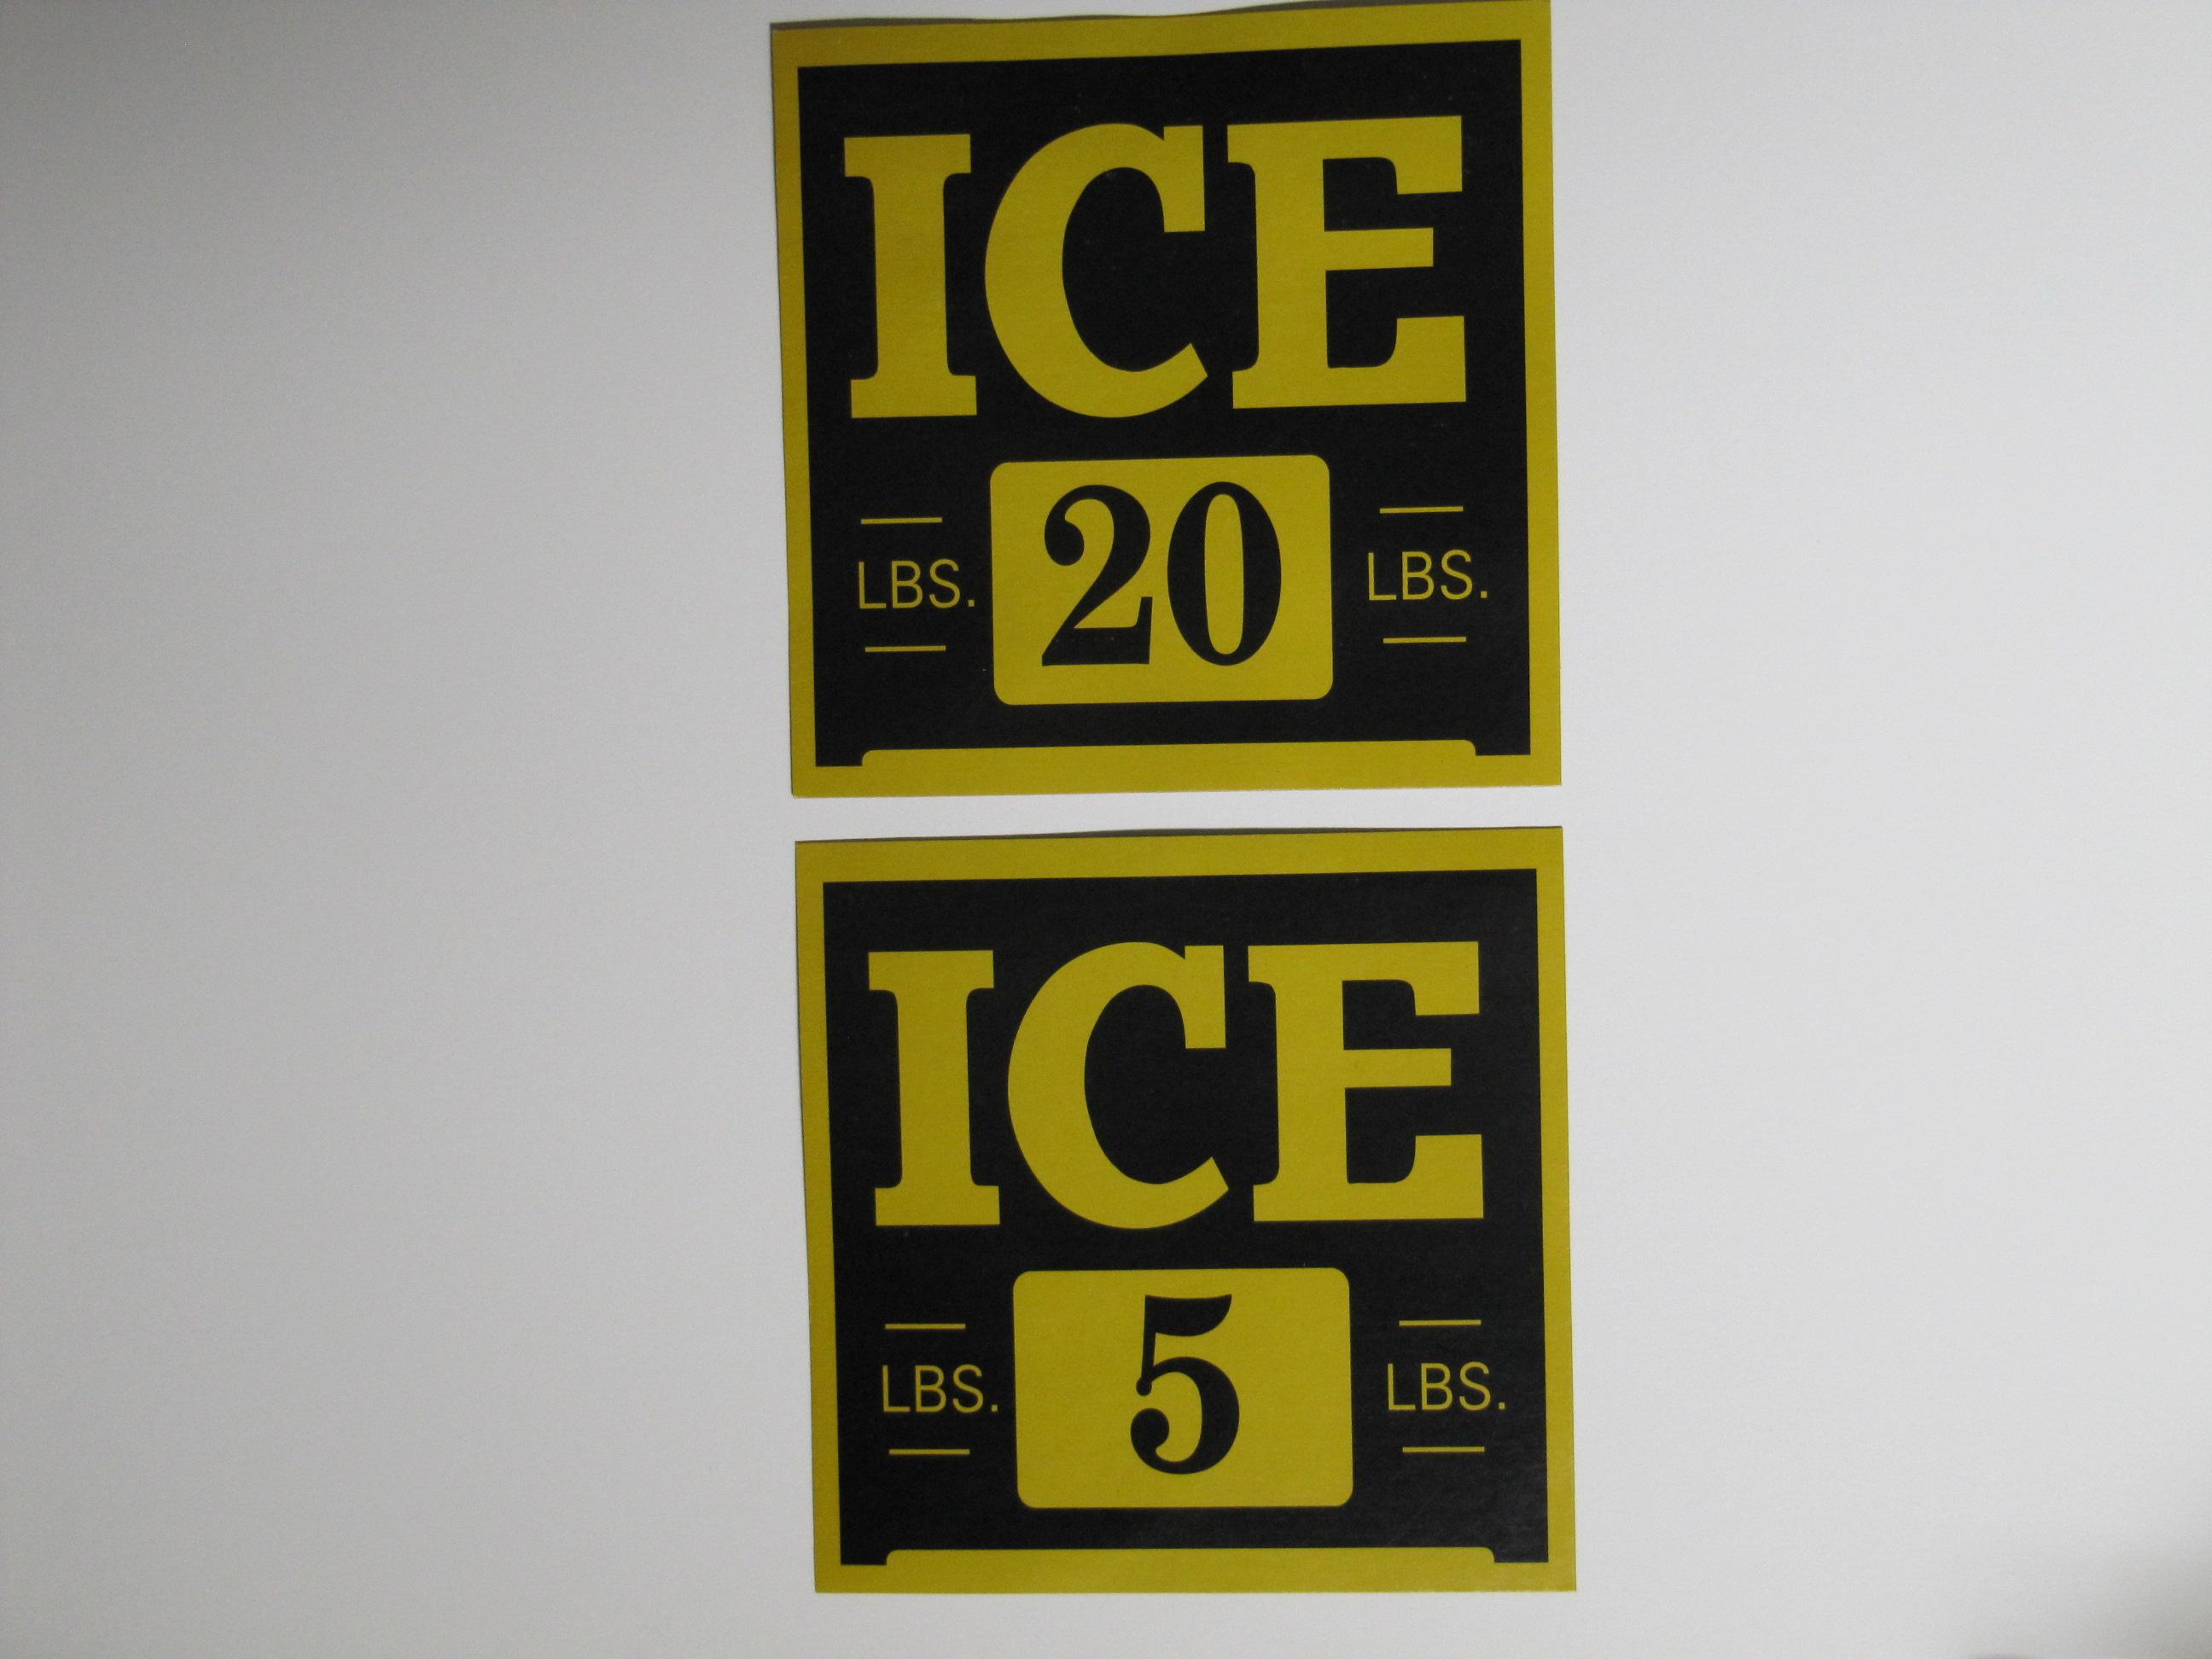 Ice card_sidea